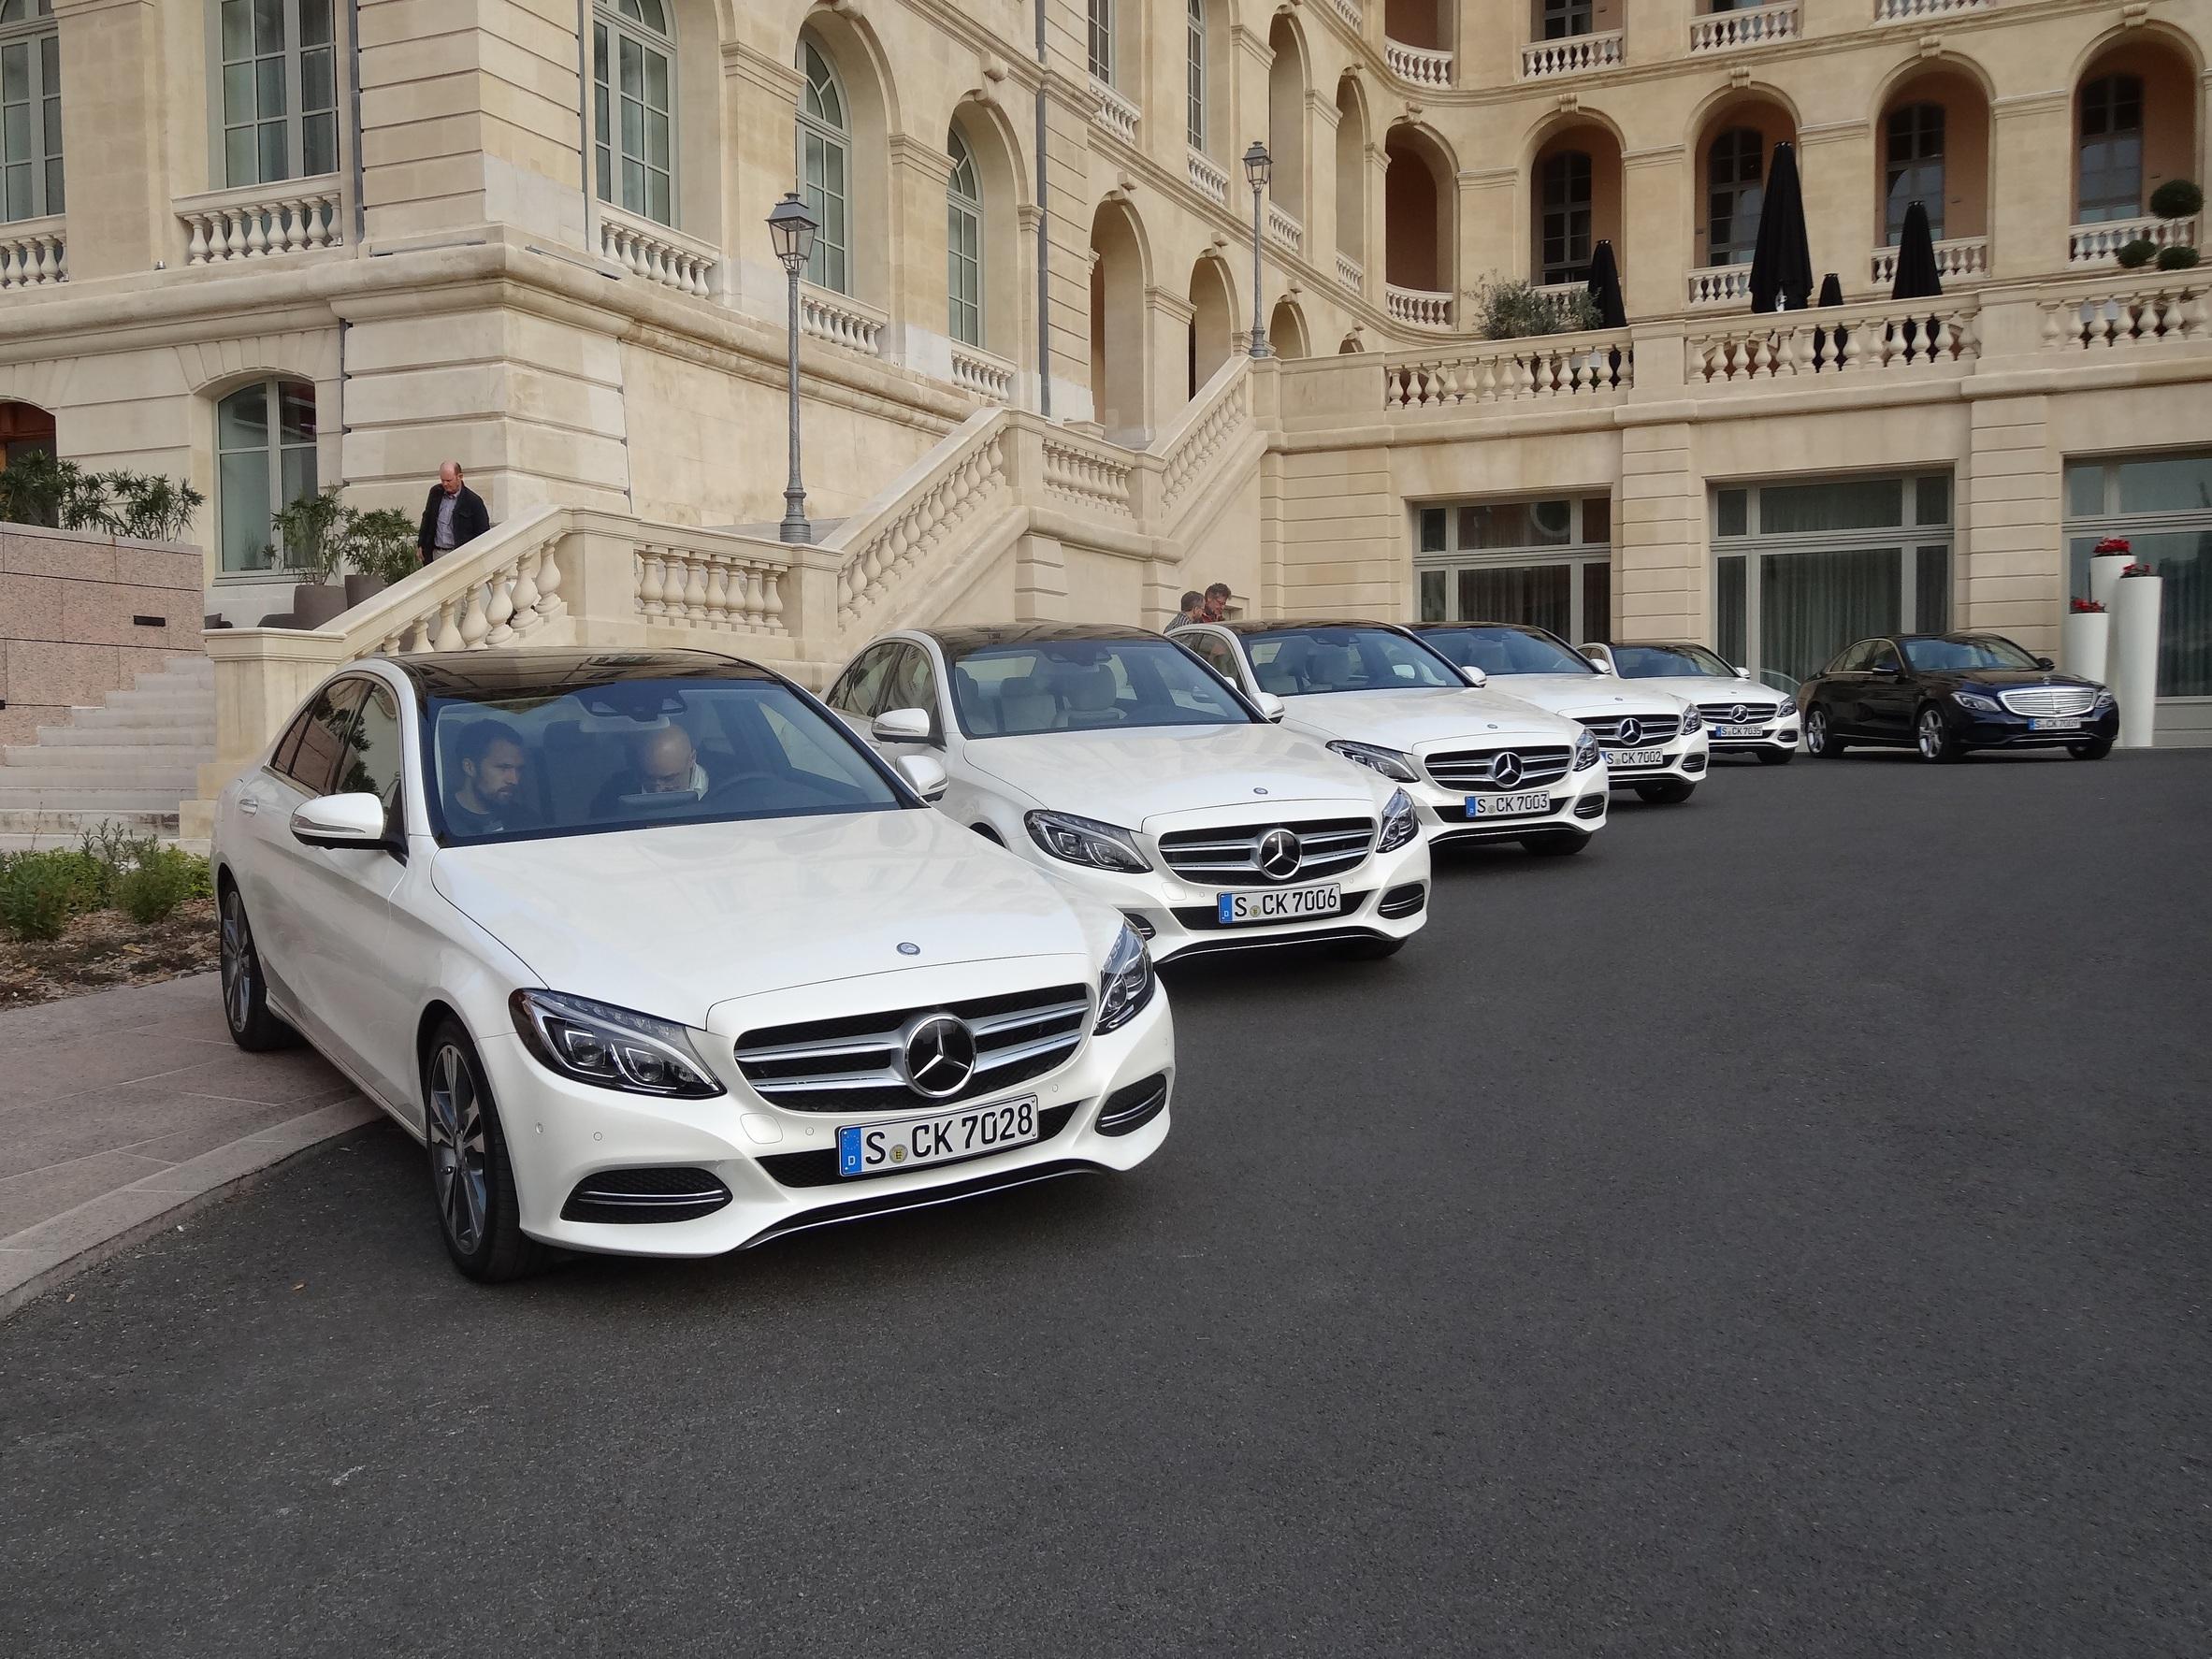 Zum Artikel Mercedes-Benz C-Klasse und E-Klasse als Taxi erhältlich